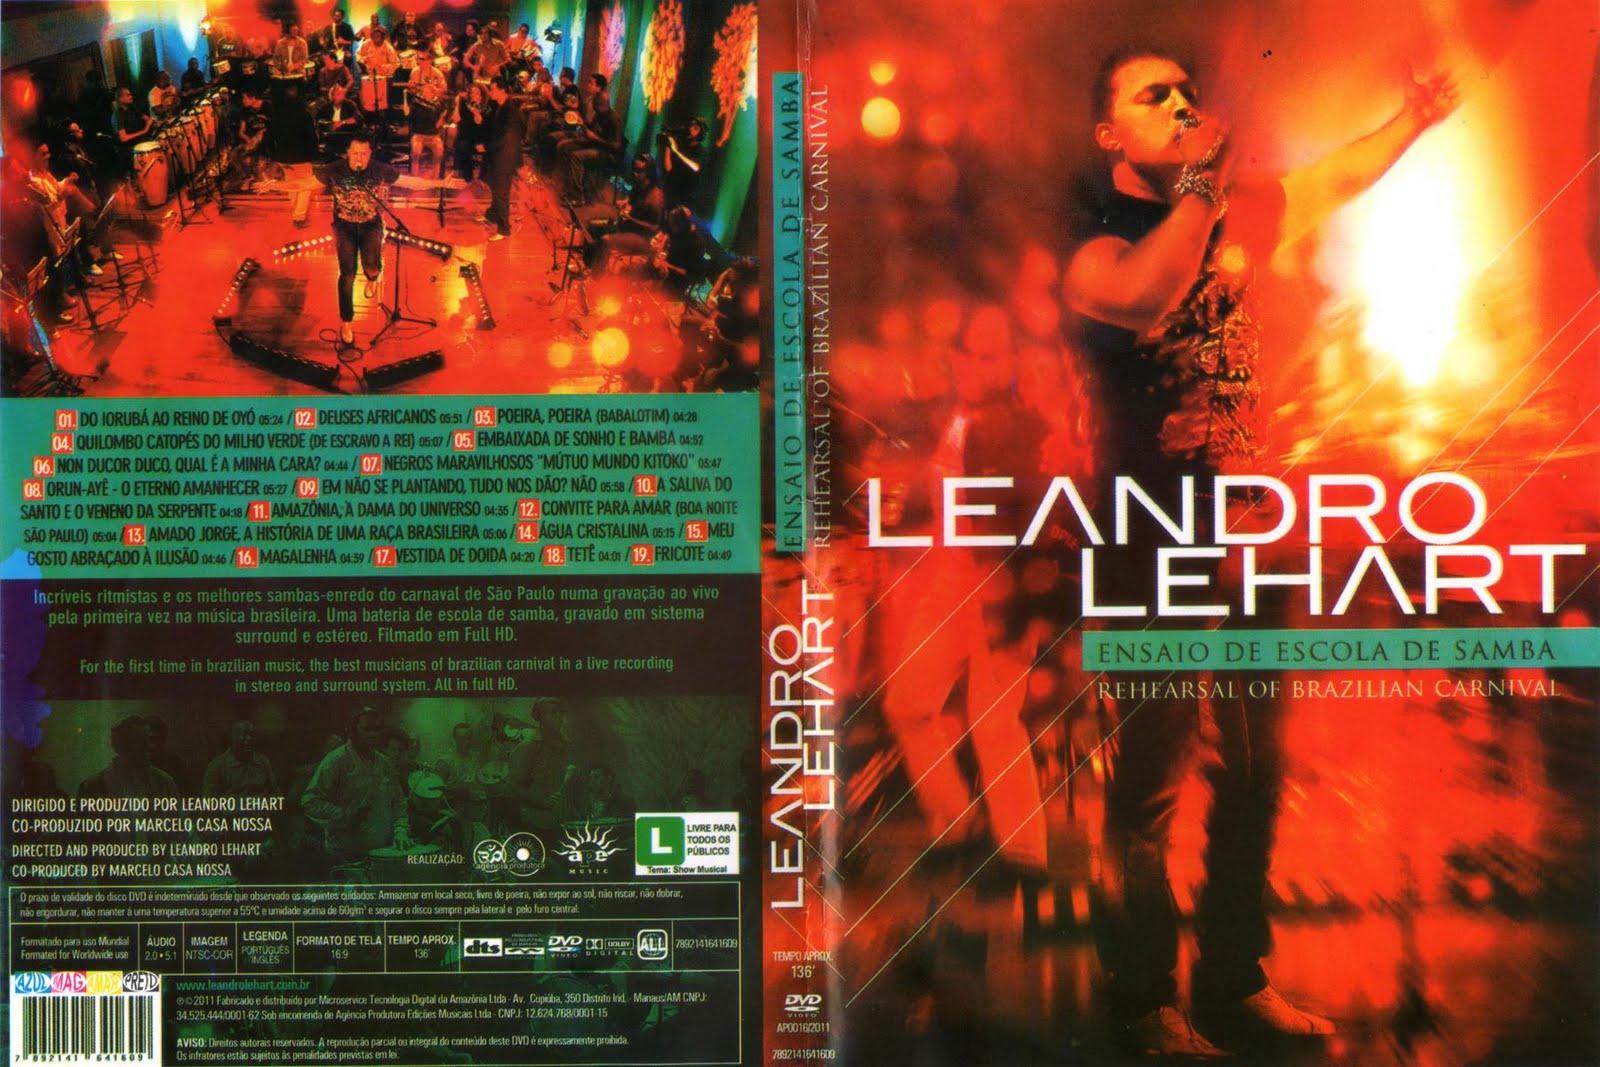 dvd leandro lehart ensaio de escola de samba